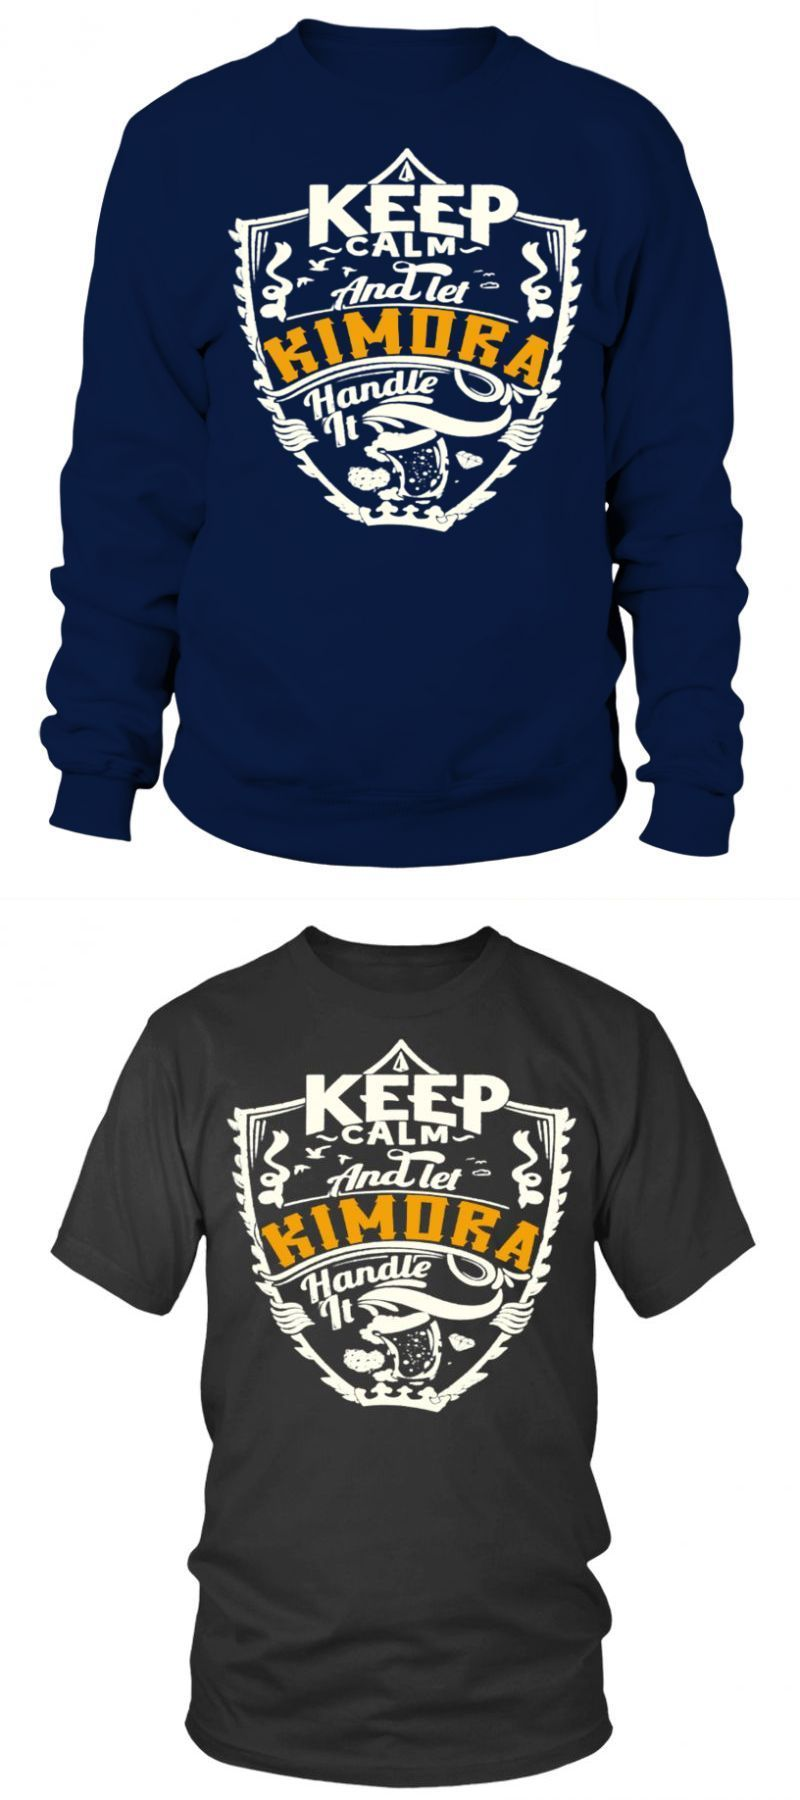 Cool Basketball T Shirt Designs Kimora Minnesota Basketball T Shirt